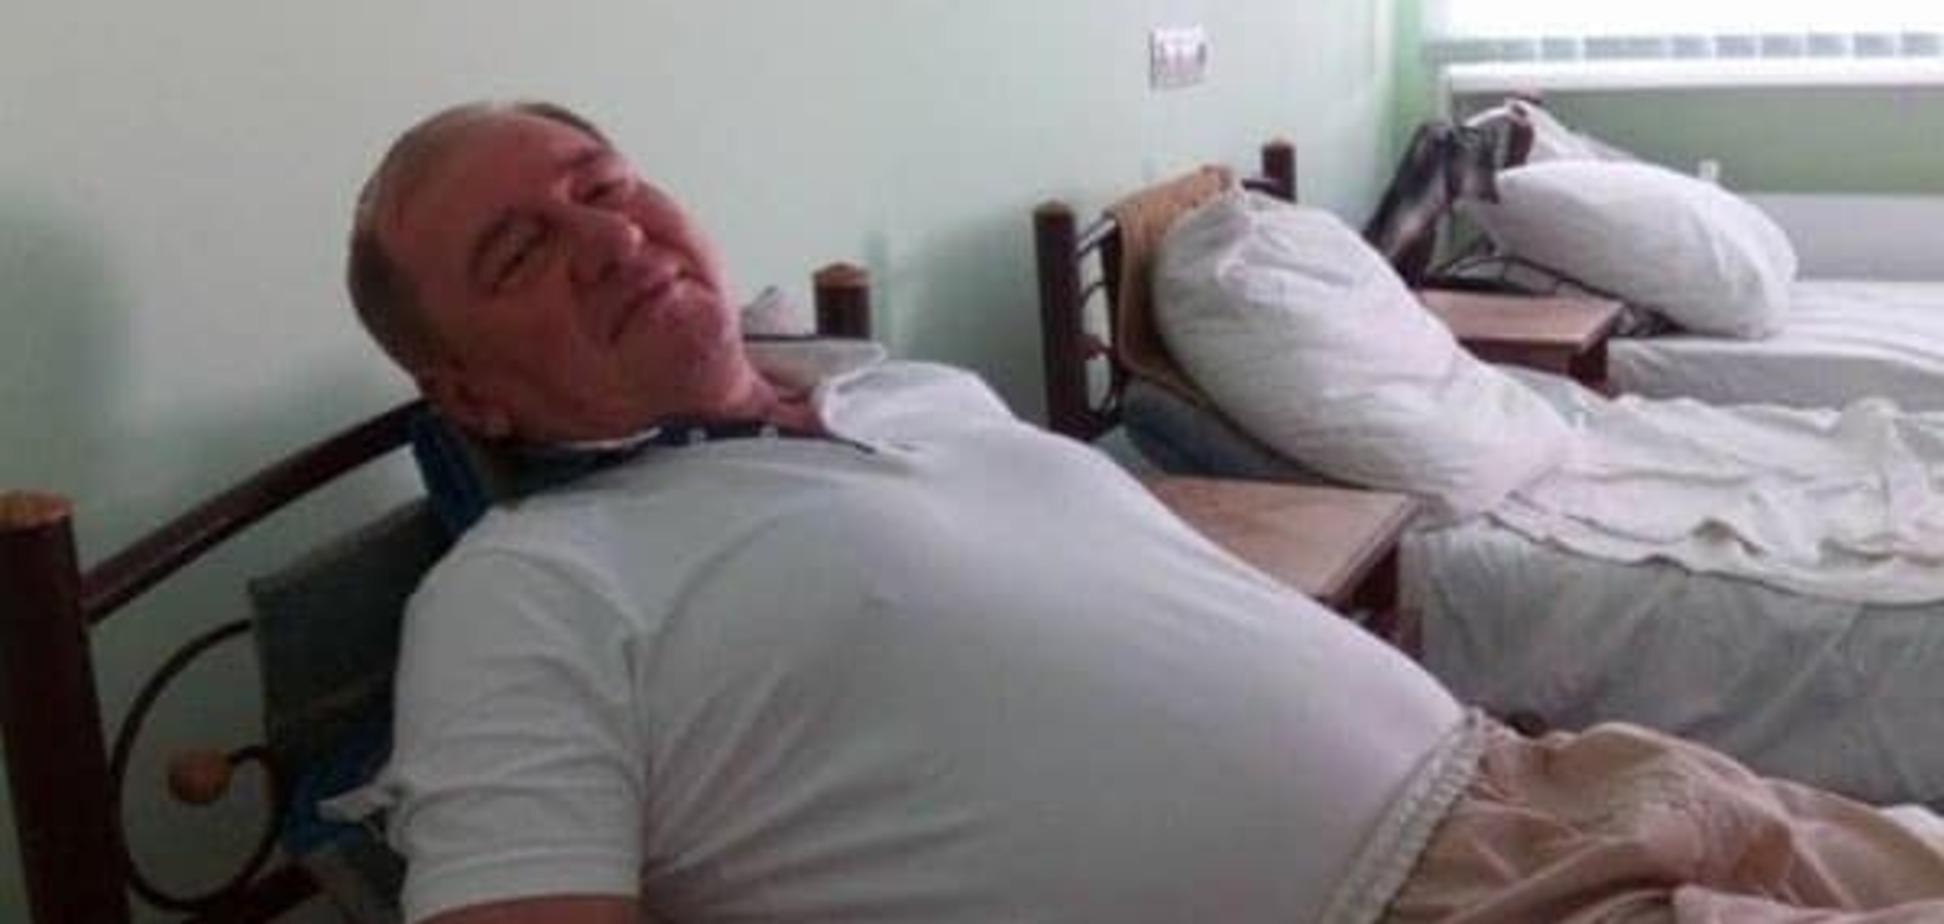 Климкин потребовал от ООН признать пытками принудительное удержание Умерова в психбольнице